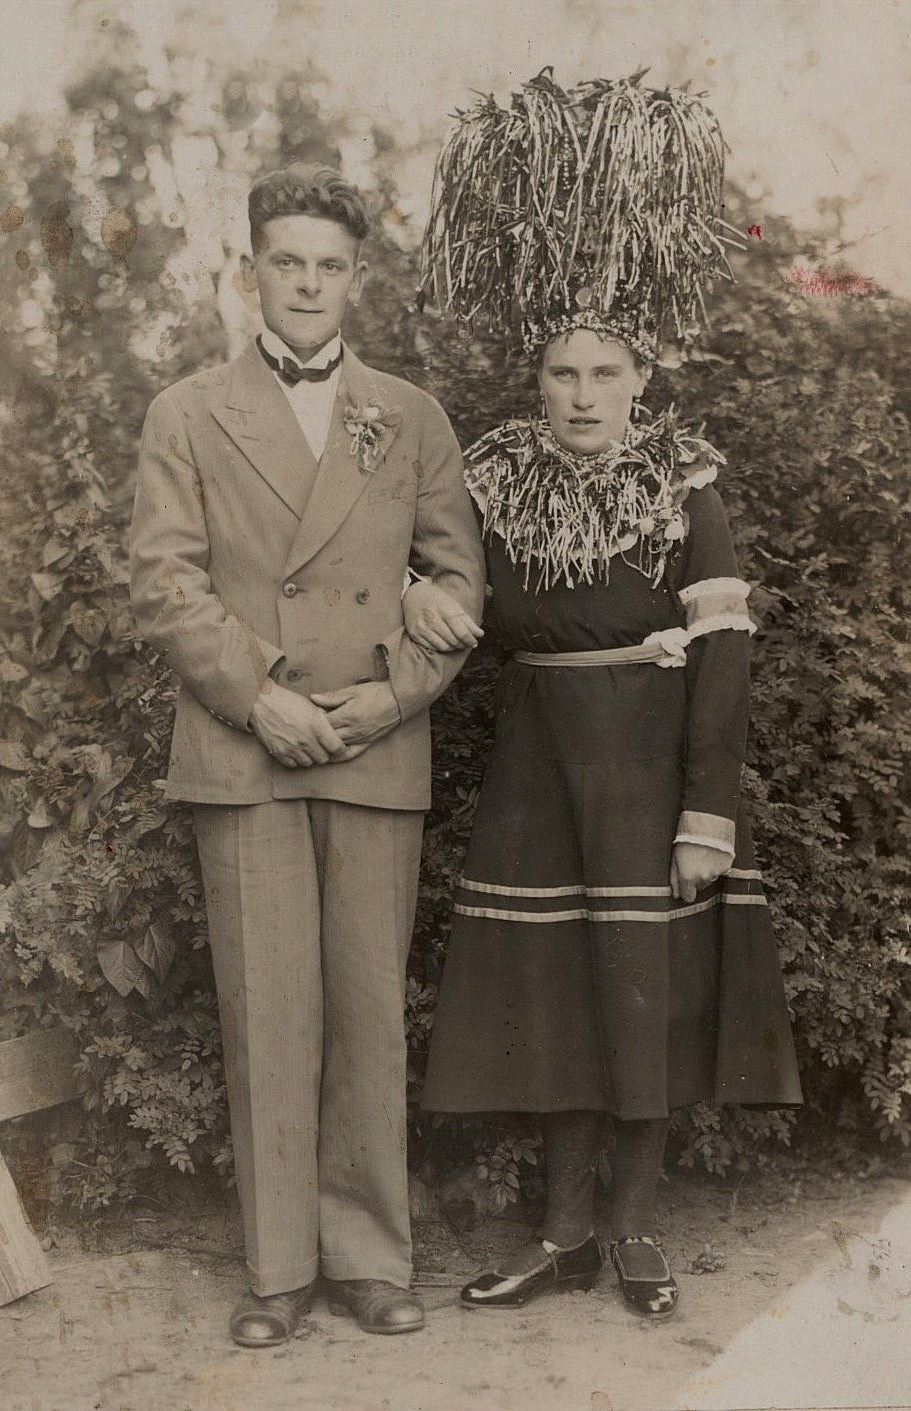 Erik Anders Klemets äldsta dotter Fanny gifte sig 1930 med Anselm Nygård från Korsbäck. Lyckan blev dock kortvarig, eftersom Fanny dog i barnsäng följande år.